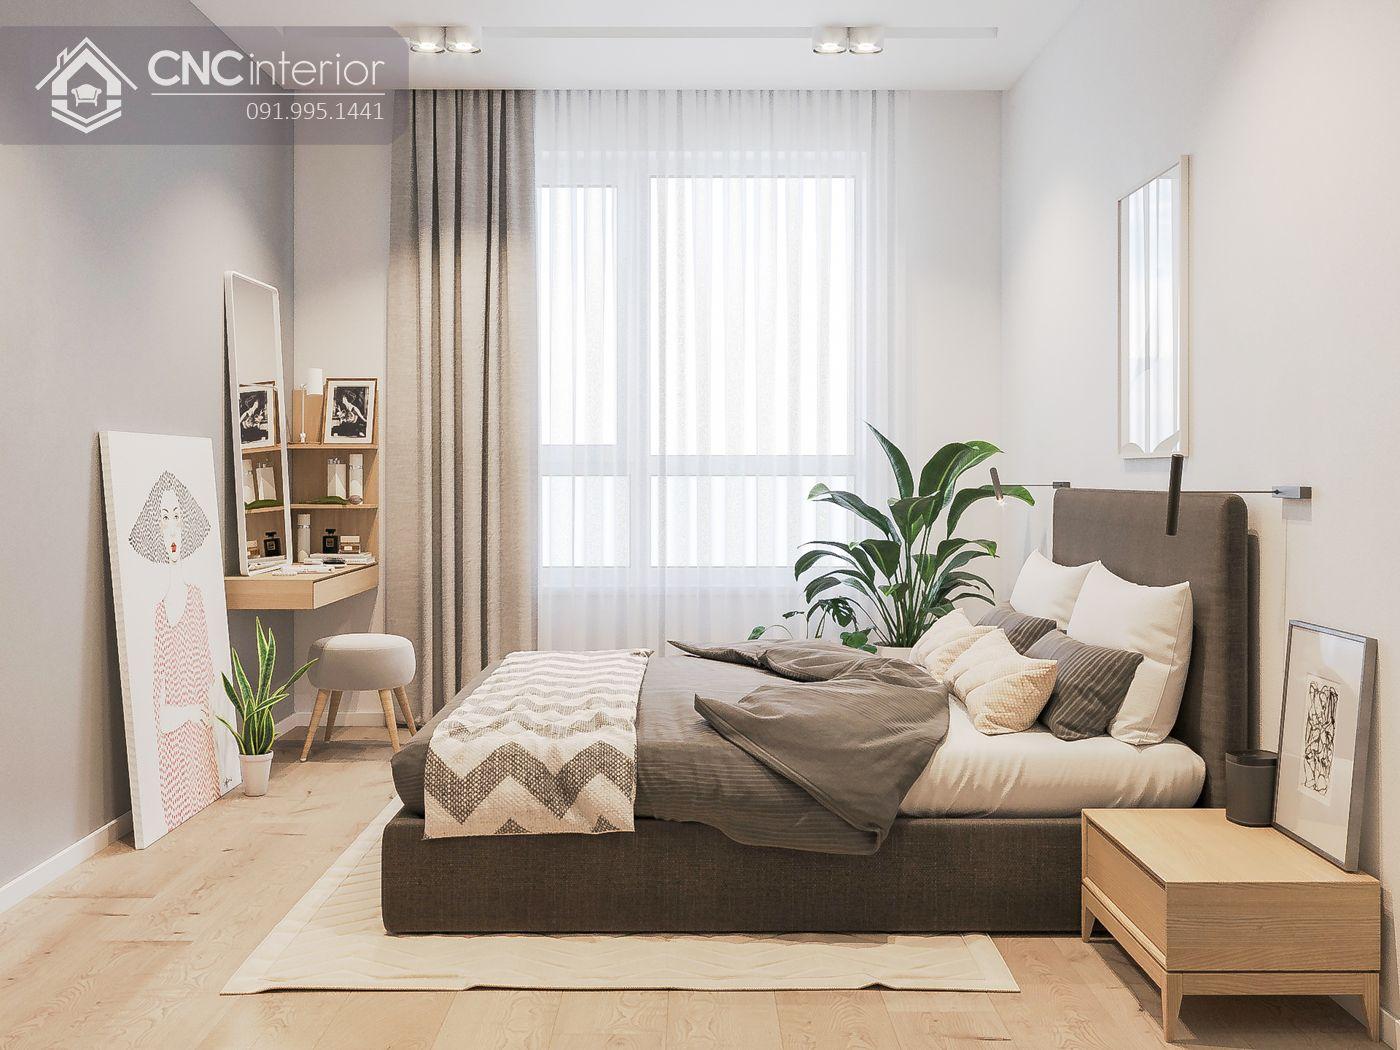 các mẫu thiết kế nội thất phòng ngủ đẹp 27